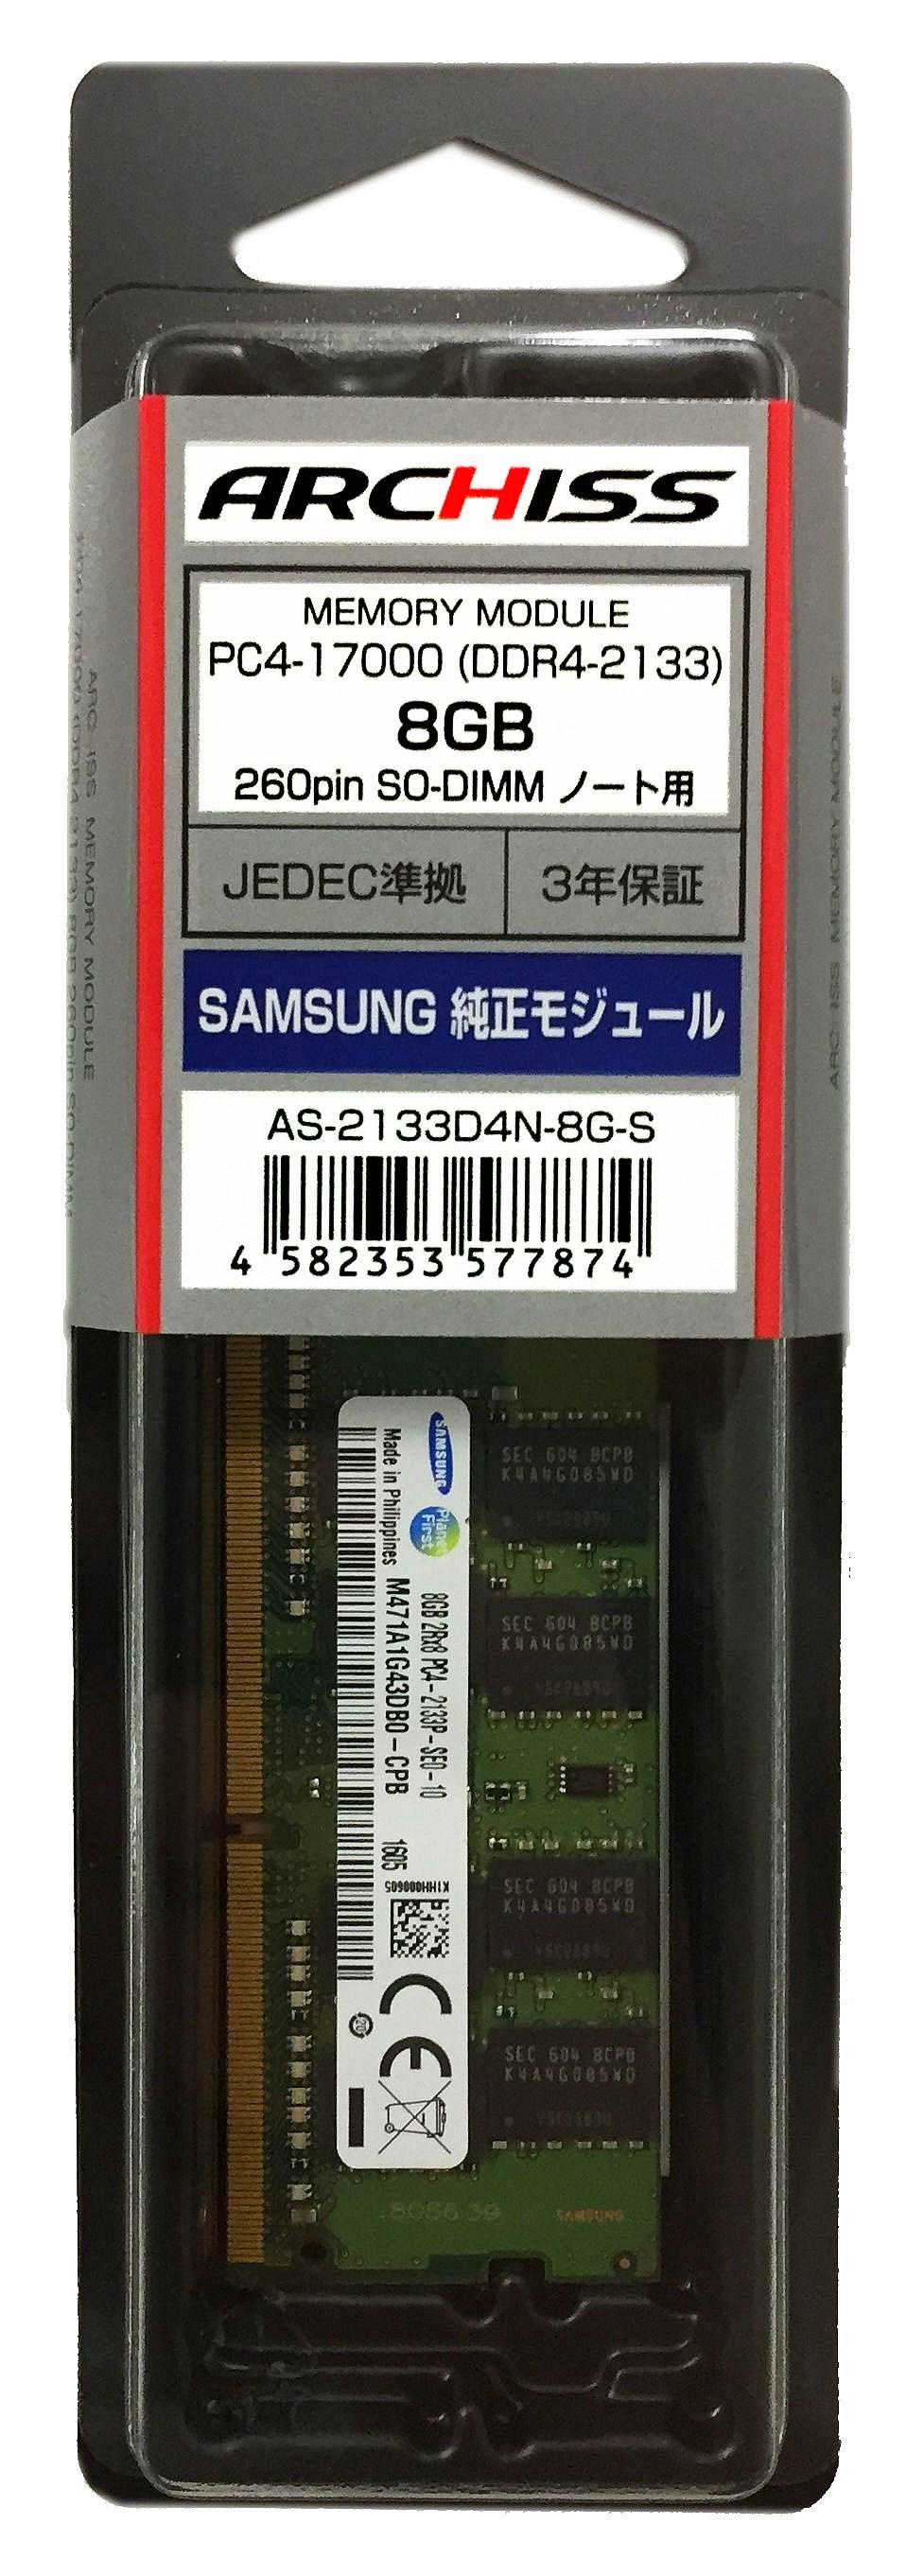 AS-2133D4N-8G-S